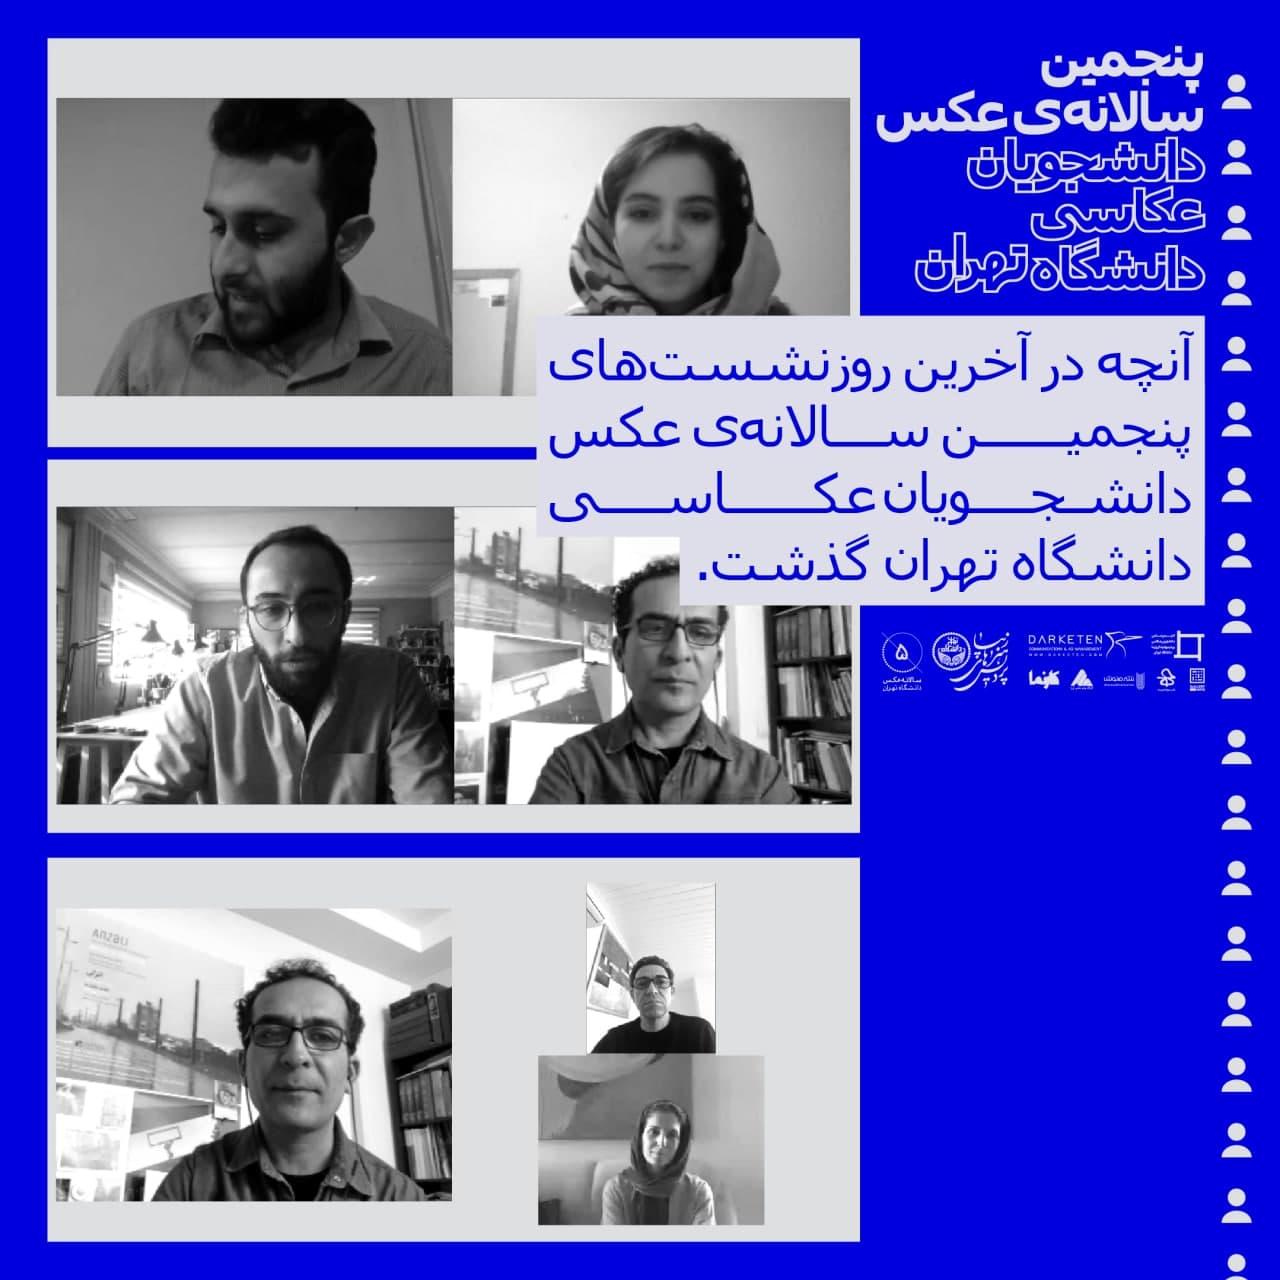 آنچه در آخرین روز نشستهای پنجمین سالانهی عکس دانشجویان عکاسی دانشگاه تهران گذشت